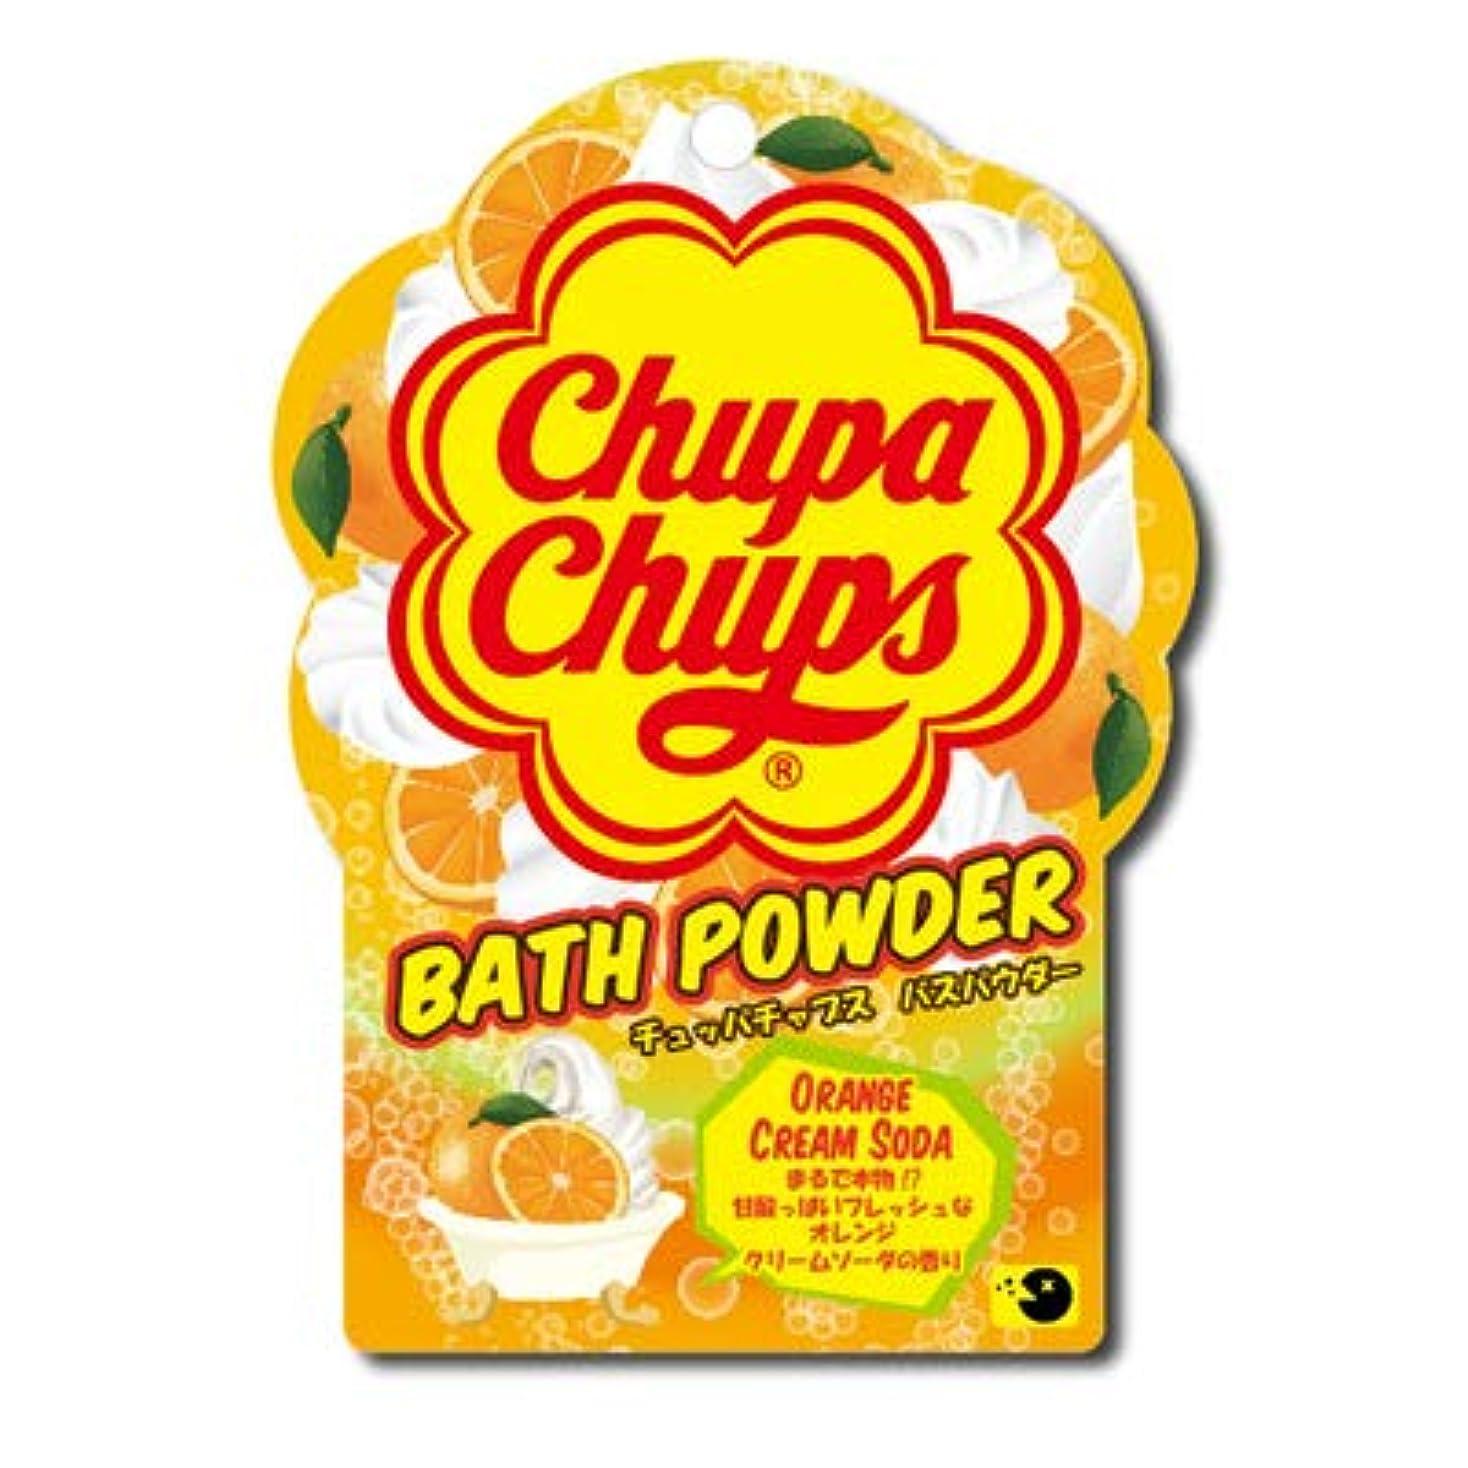 若者意味マーケティング【まとめ買い6個セット】 チュッパチャプスバスパウダー オレンジクリームソーダ